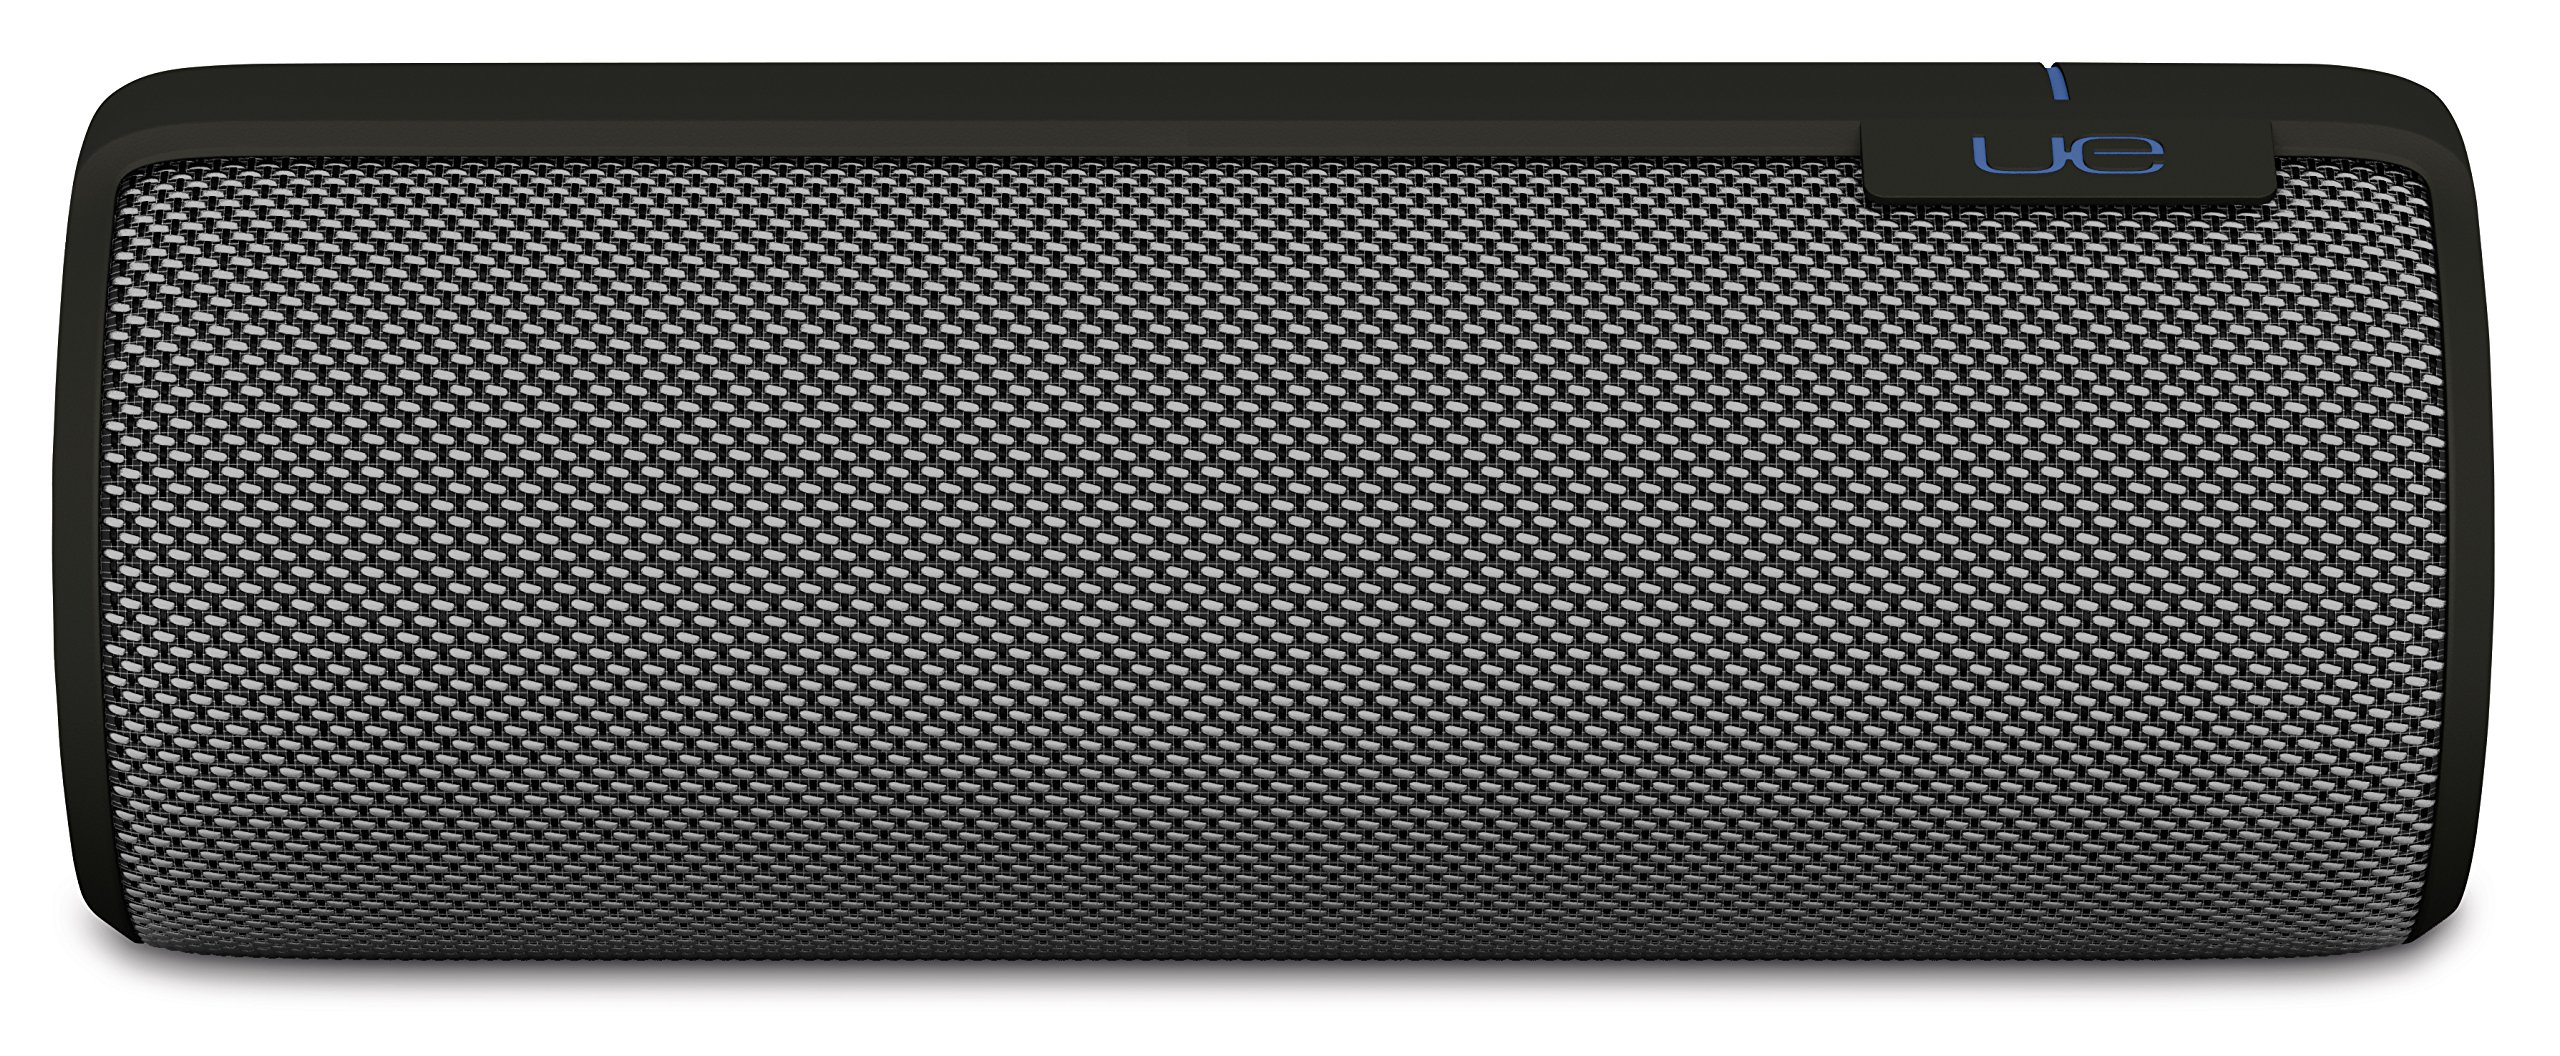 UE MEGABOOM Charcoal Black Wireless Mobile Bluetooth Speaker (Waterproof and Shockproof) by Ultimate Ears (Image #4)